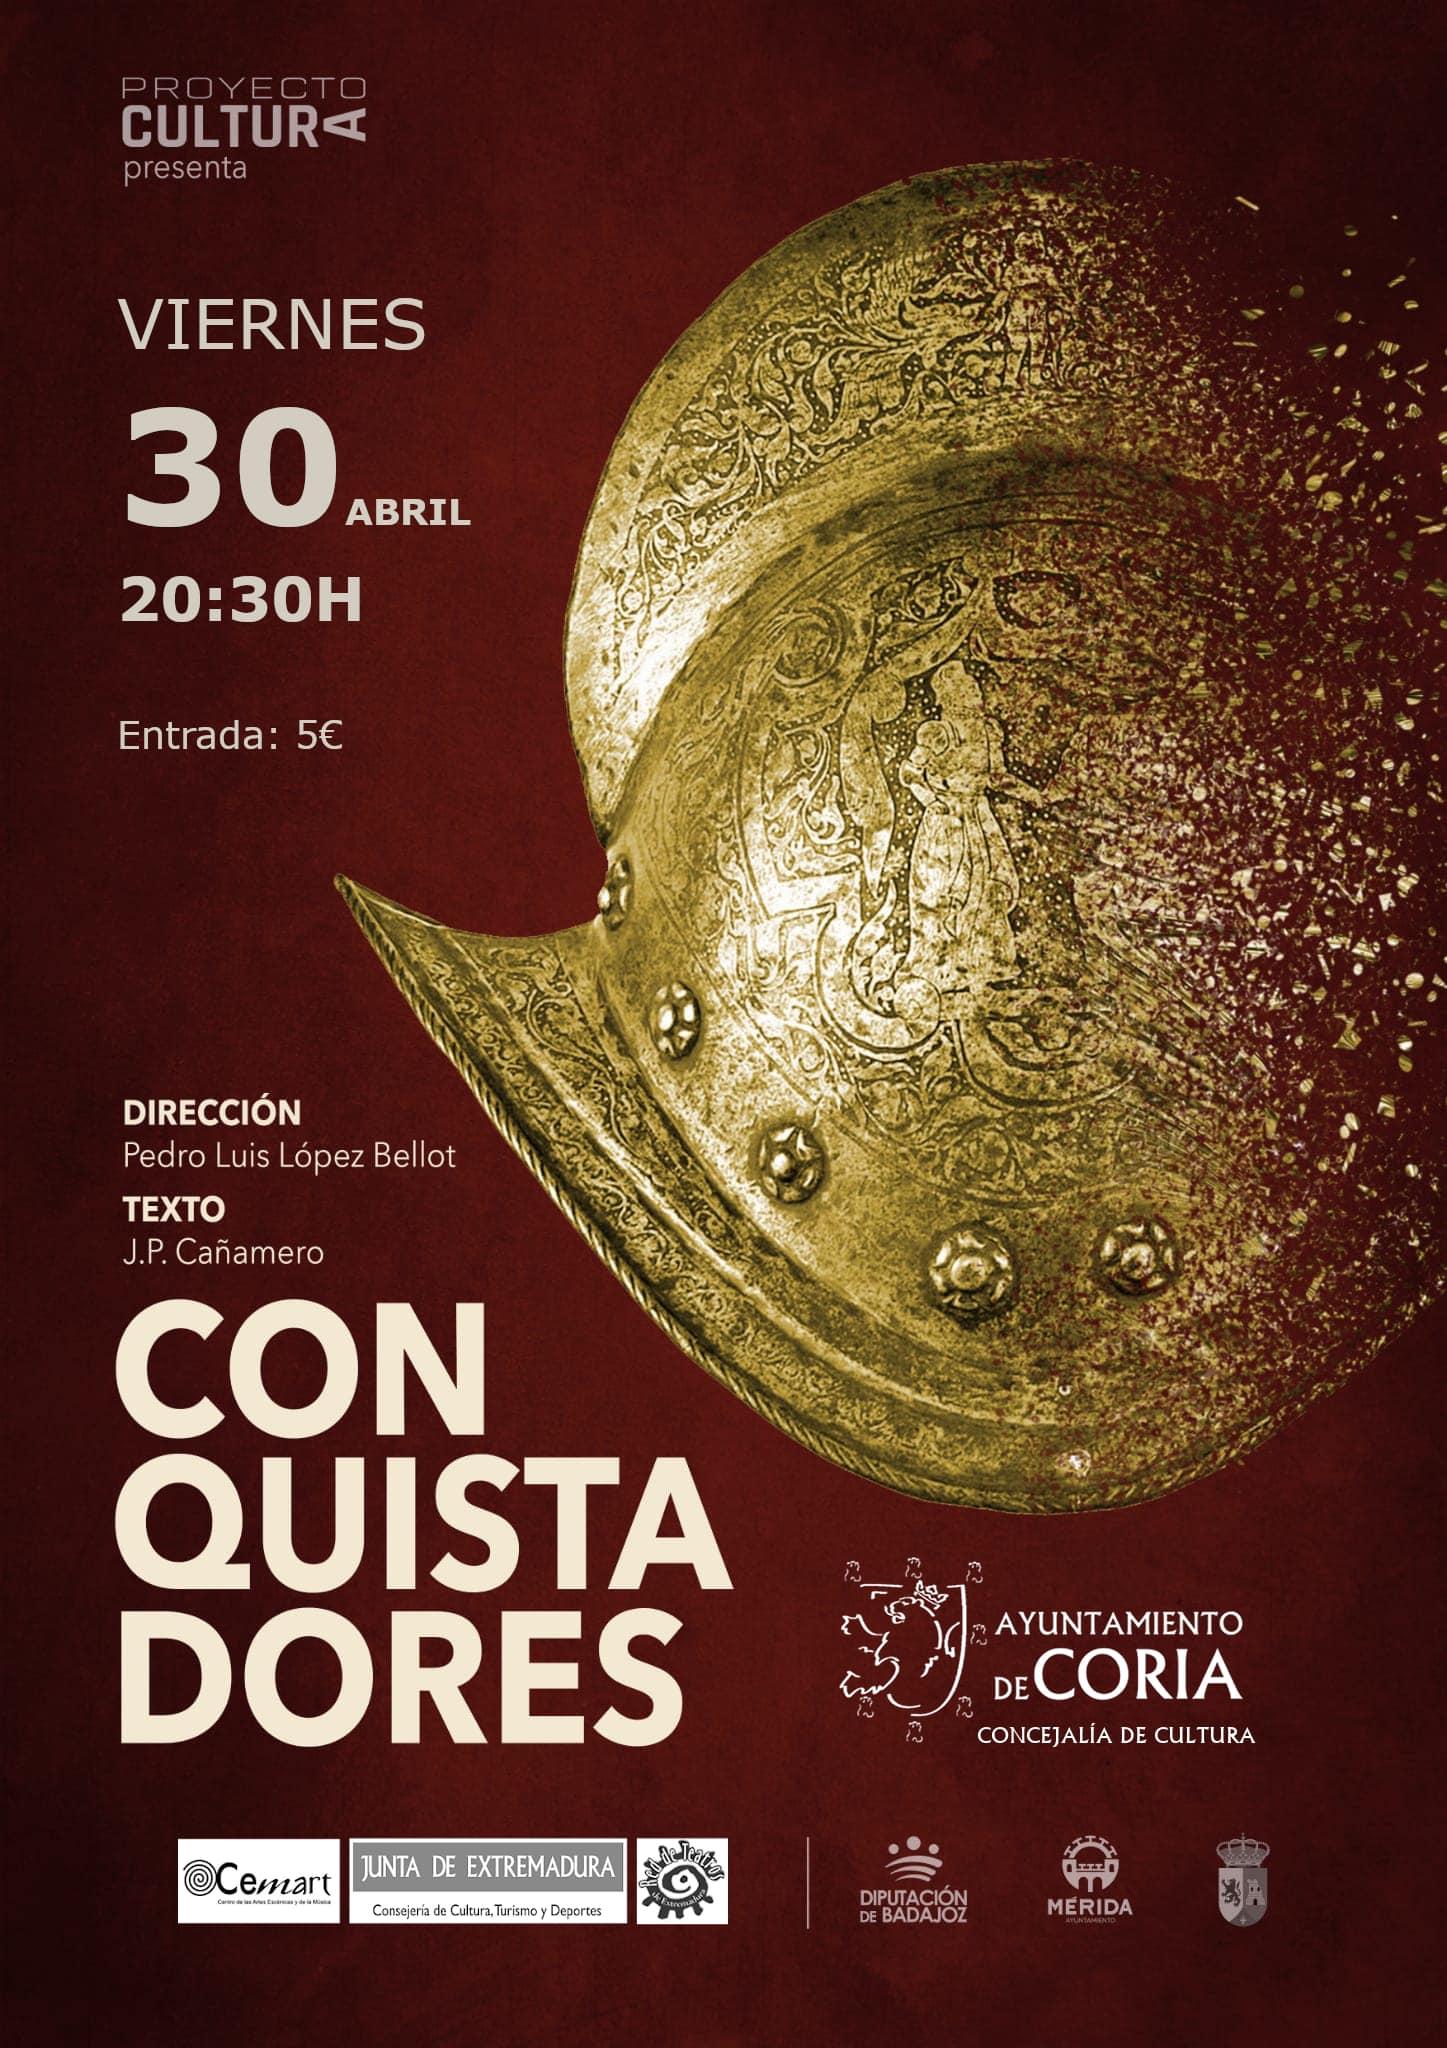 Conquistadores (2021) - Coria (Cáceres)